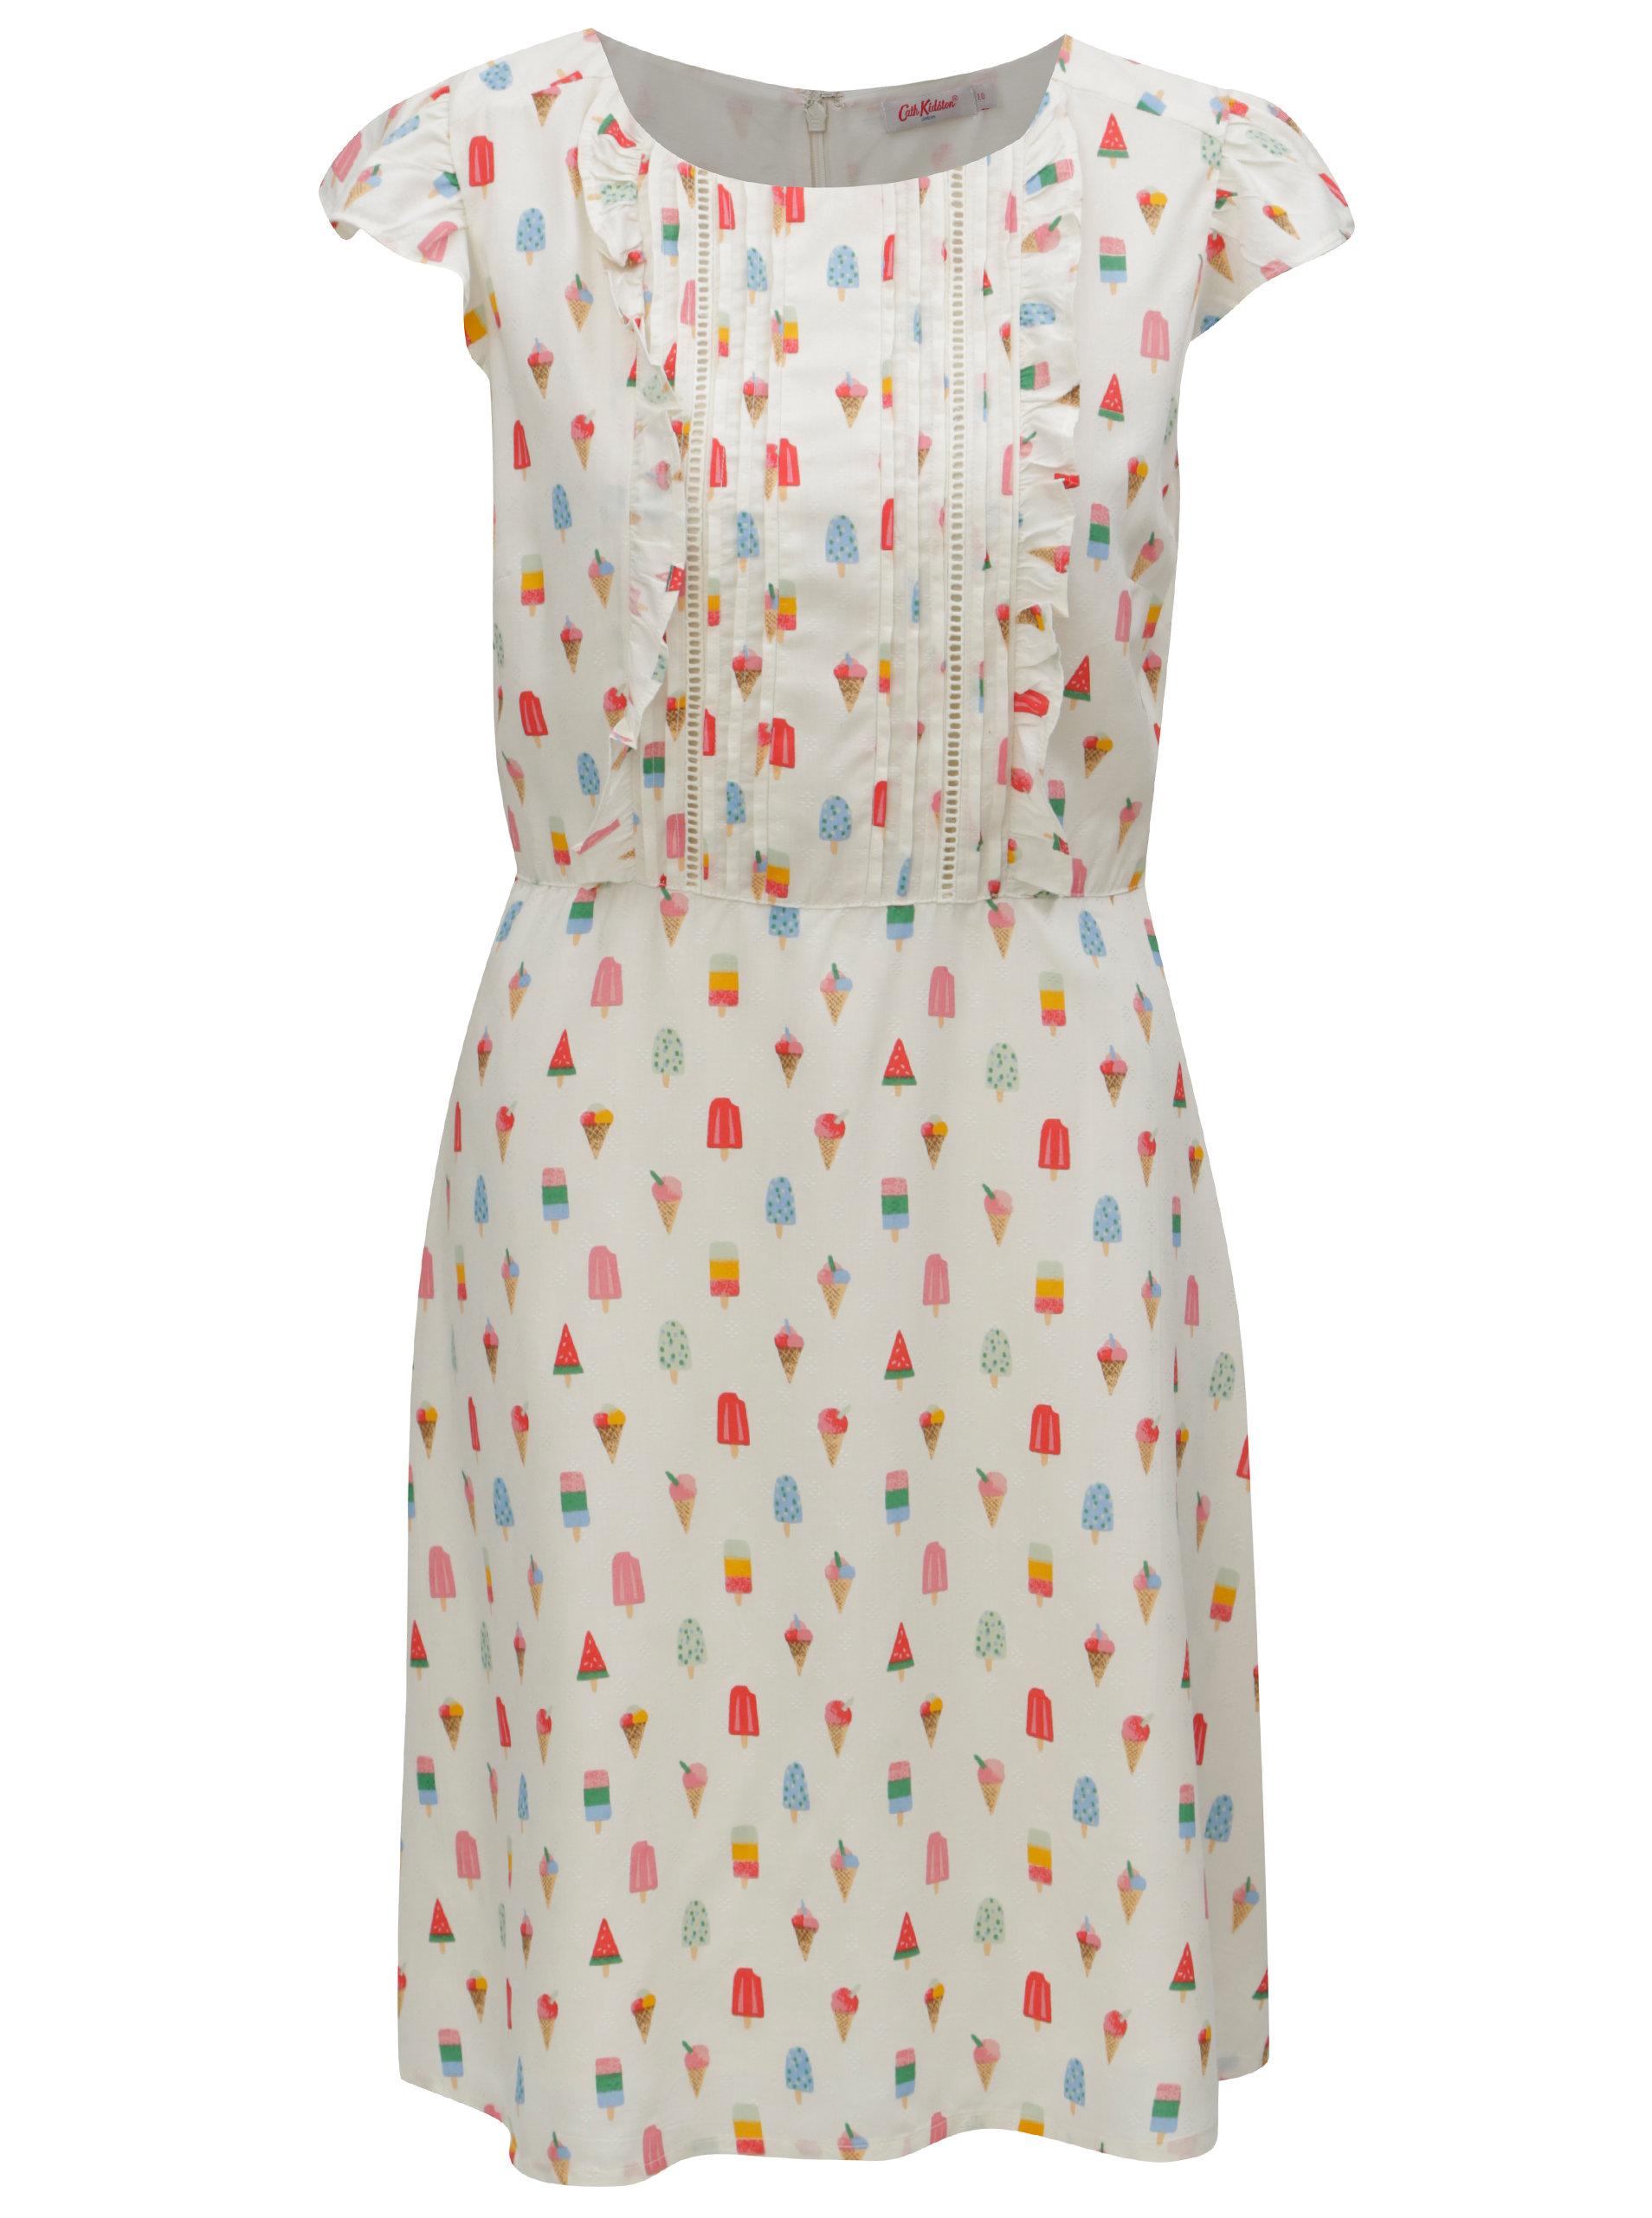 Krémové dámske šaty s motívom nanukov Cath Kidston ... 5c6bf211574